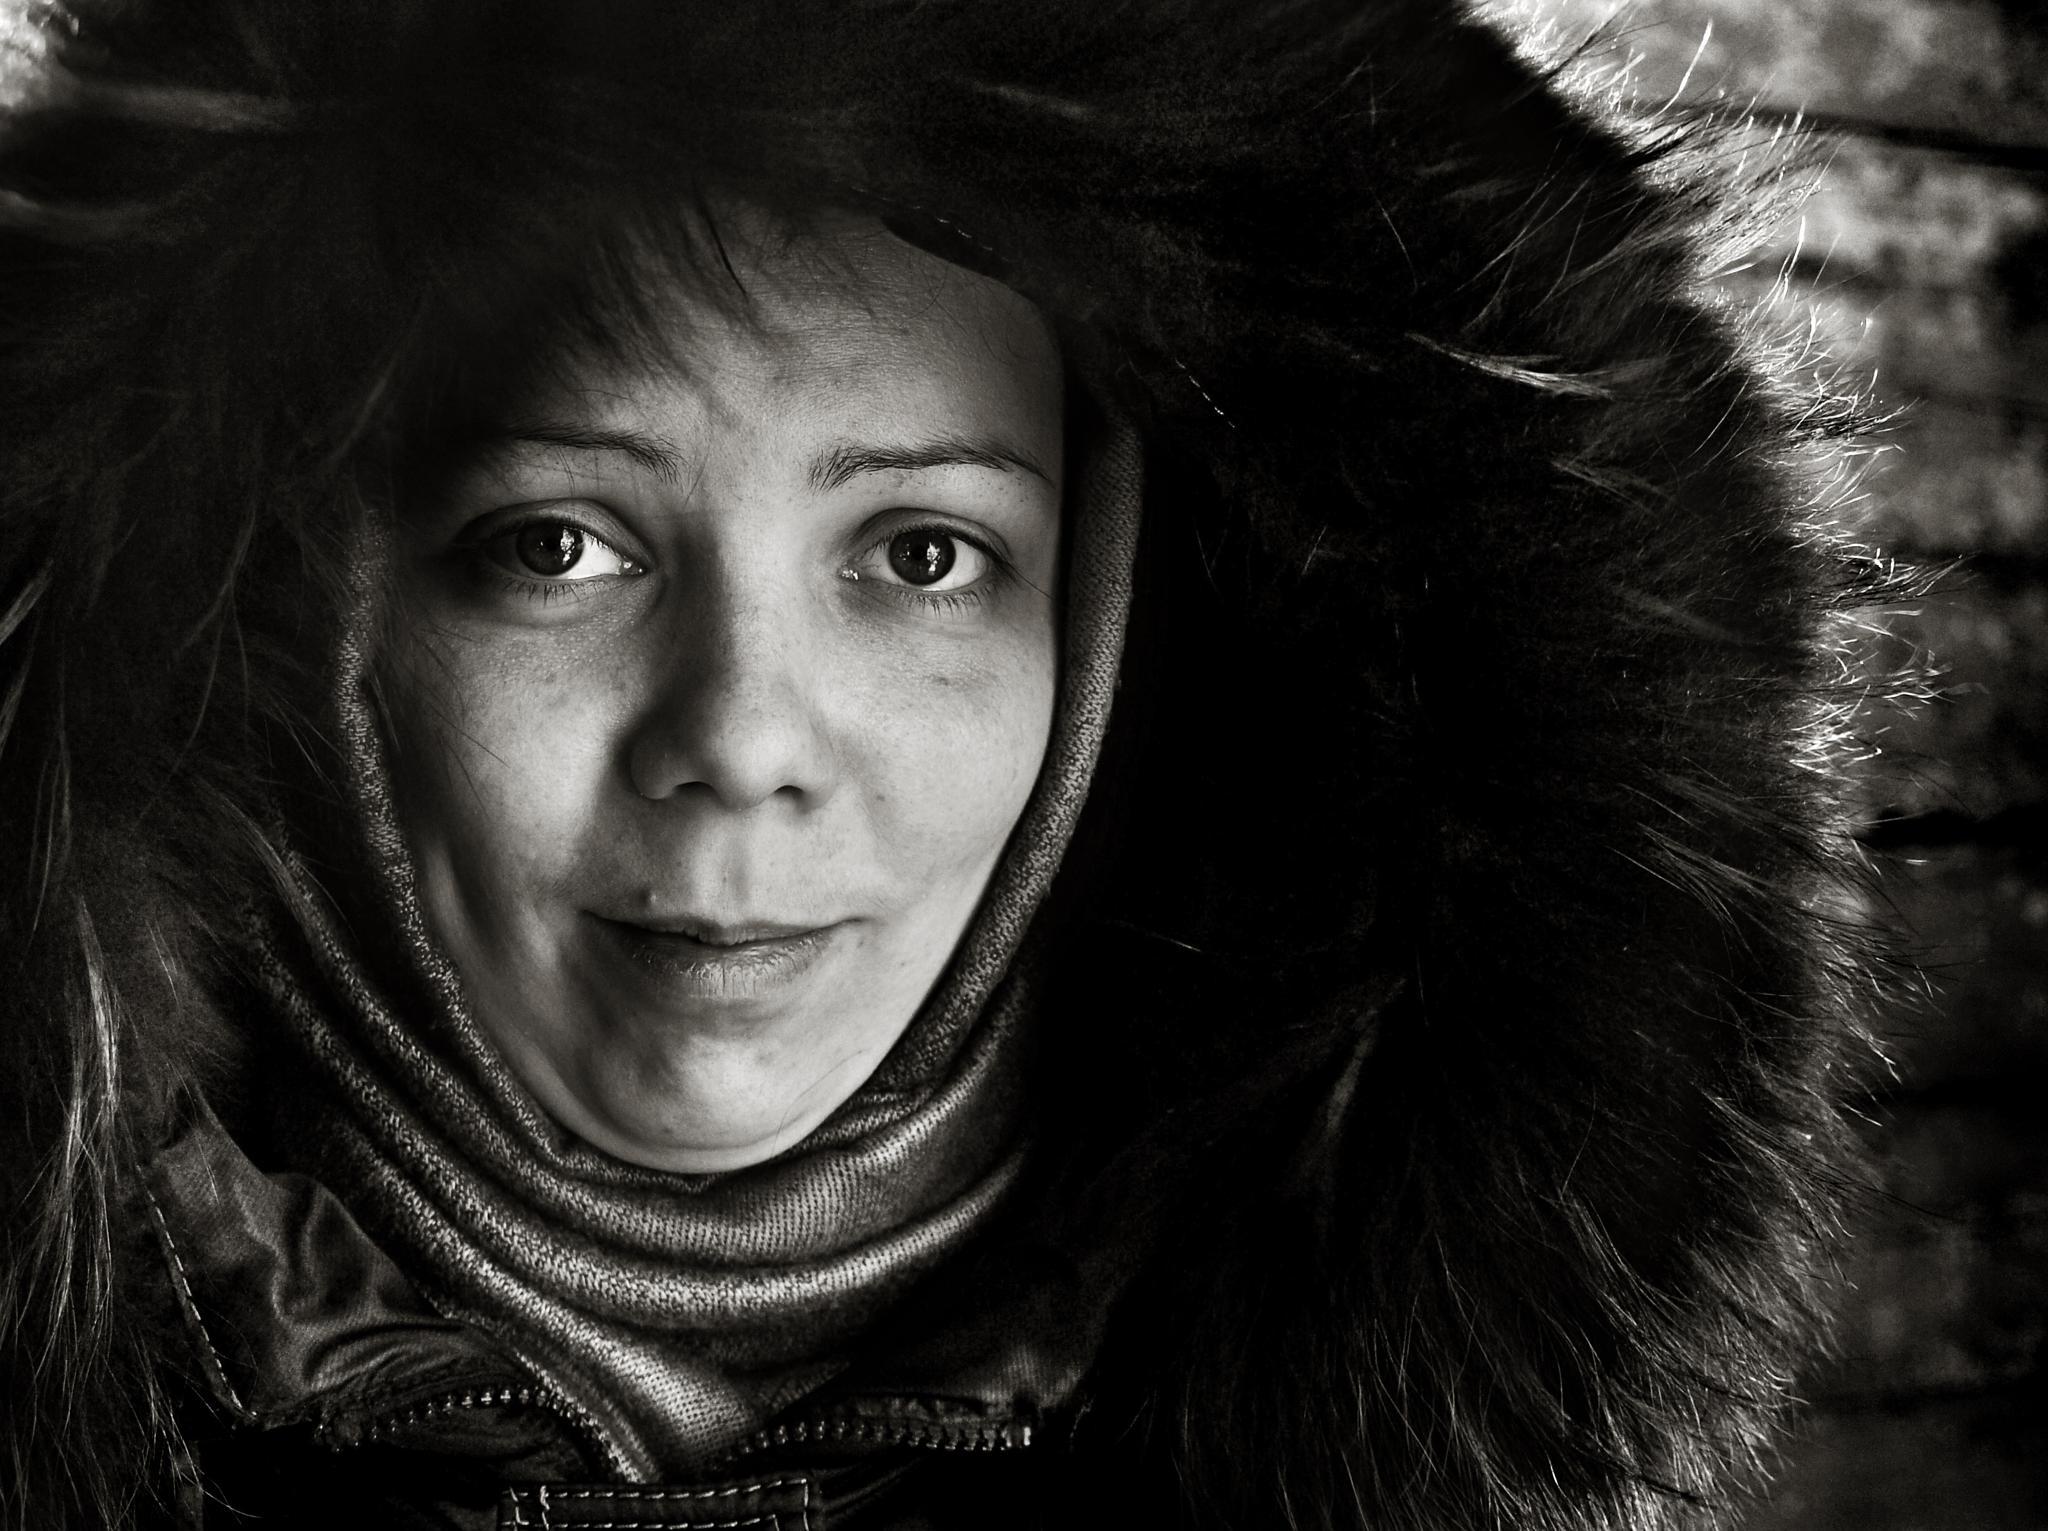 A parishioner by Сергей Юрьев